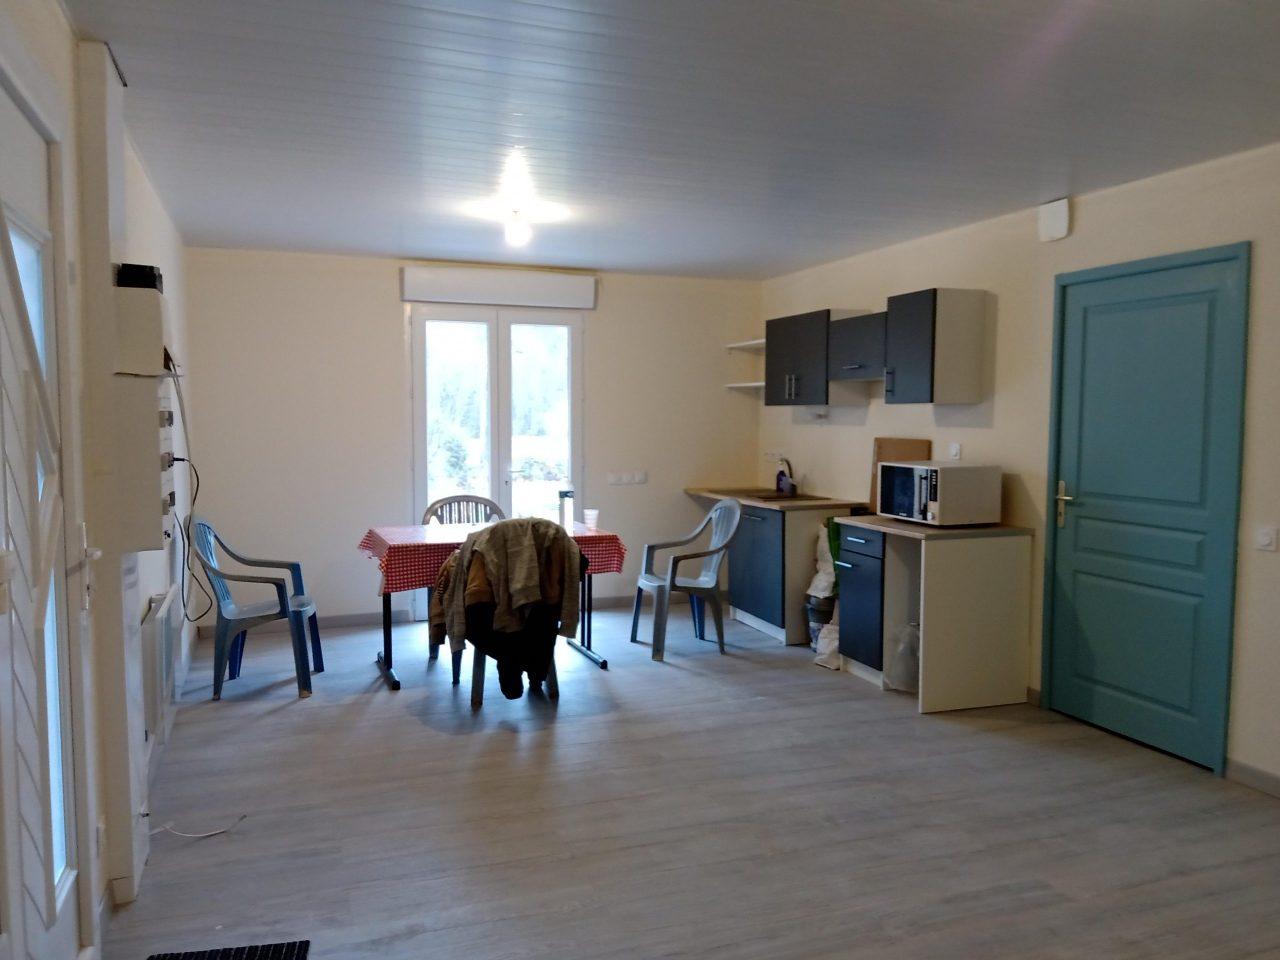 Appartement PMR de 65 m2 entièrement rénové